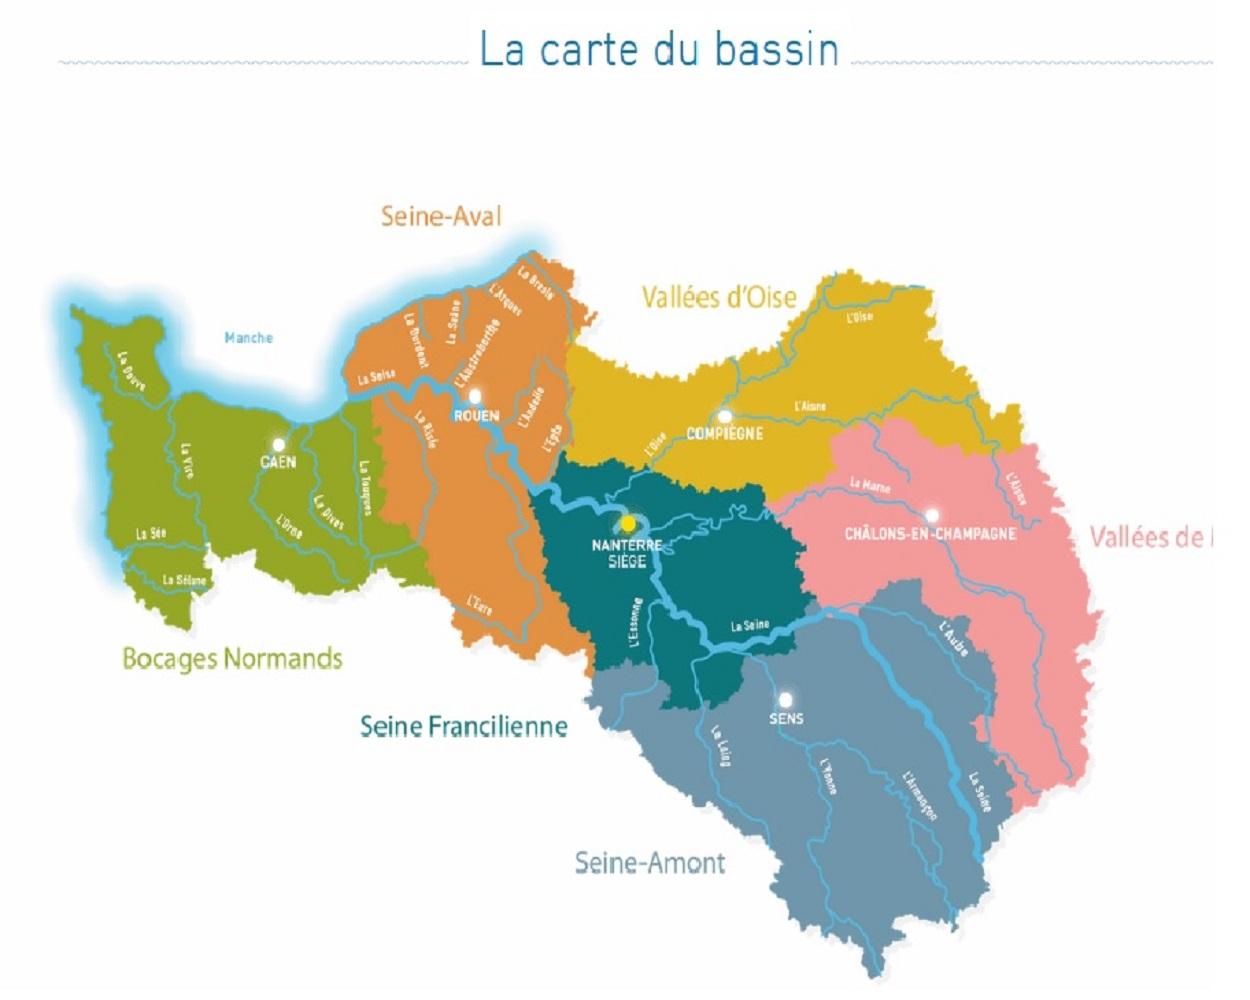 La carte du bassin de la Seine - Copy